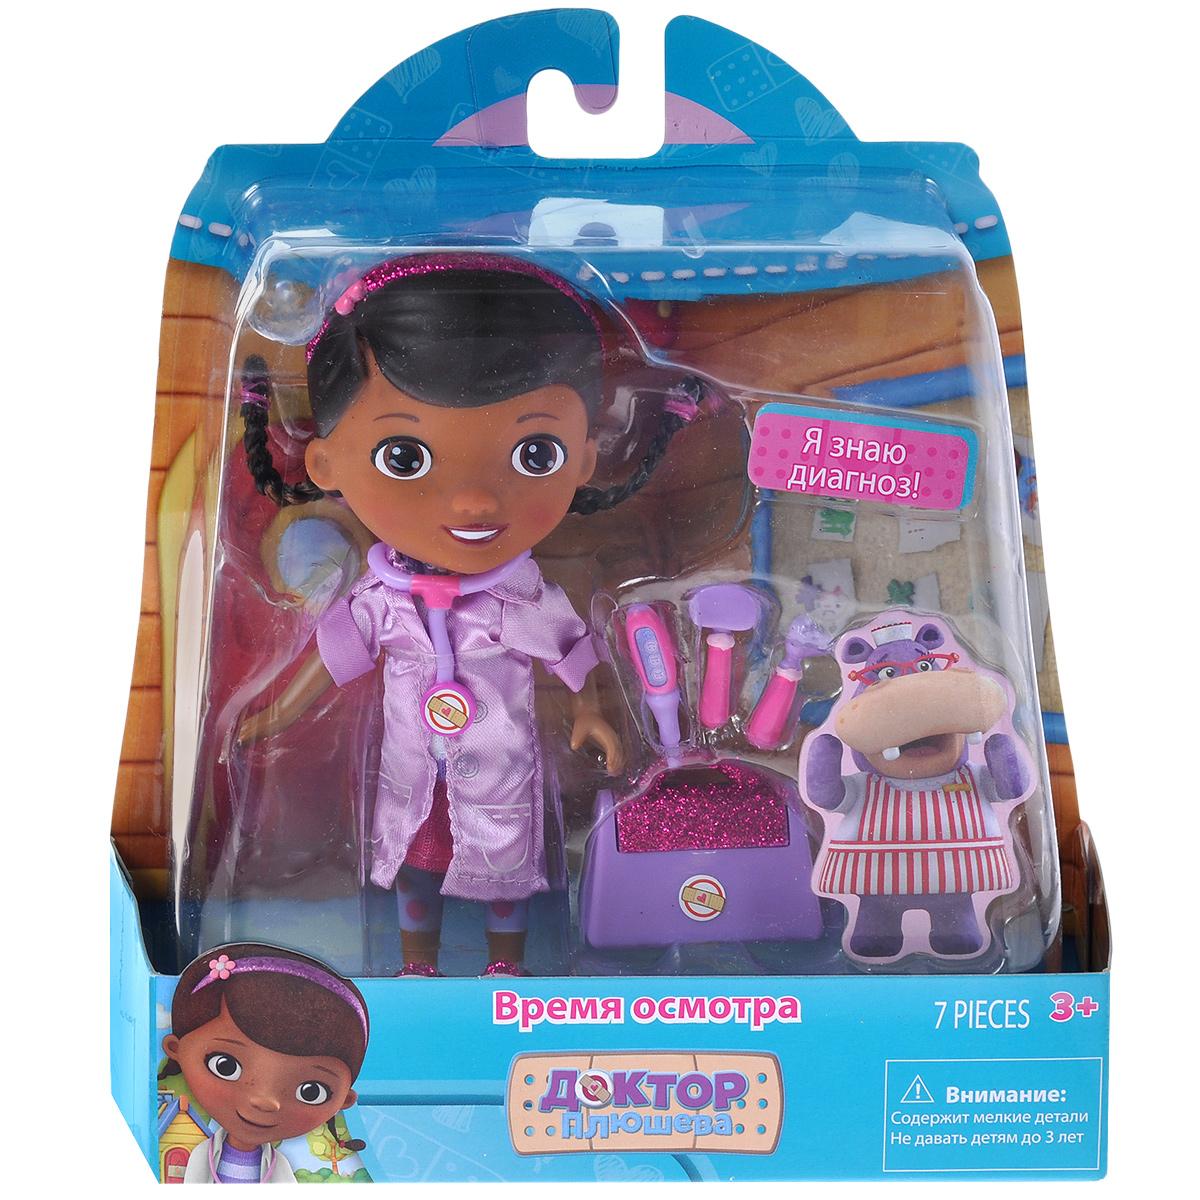 Доктор Плюшева Игровой набор с куклой Время осмотра цвет халата сиреневый veld co игровой набор с куклой юный доктор